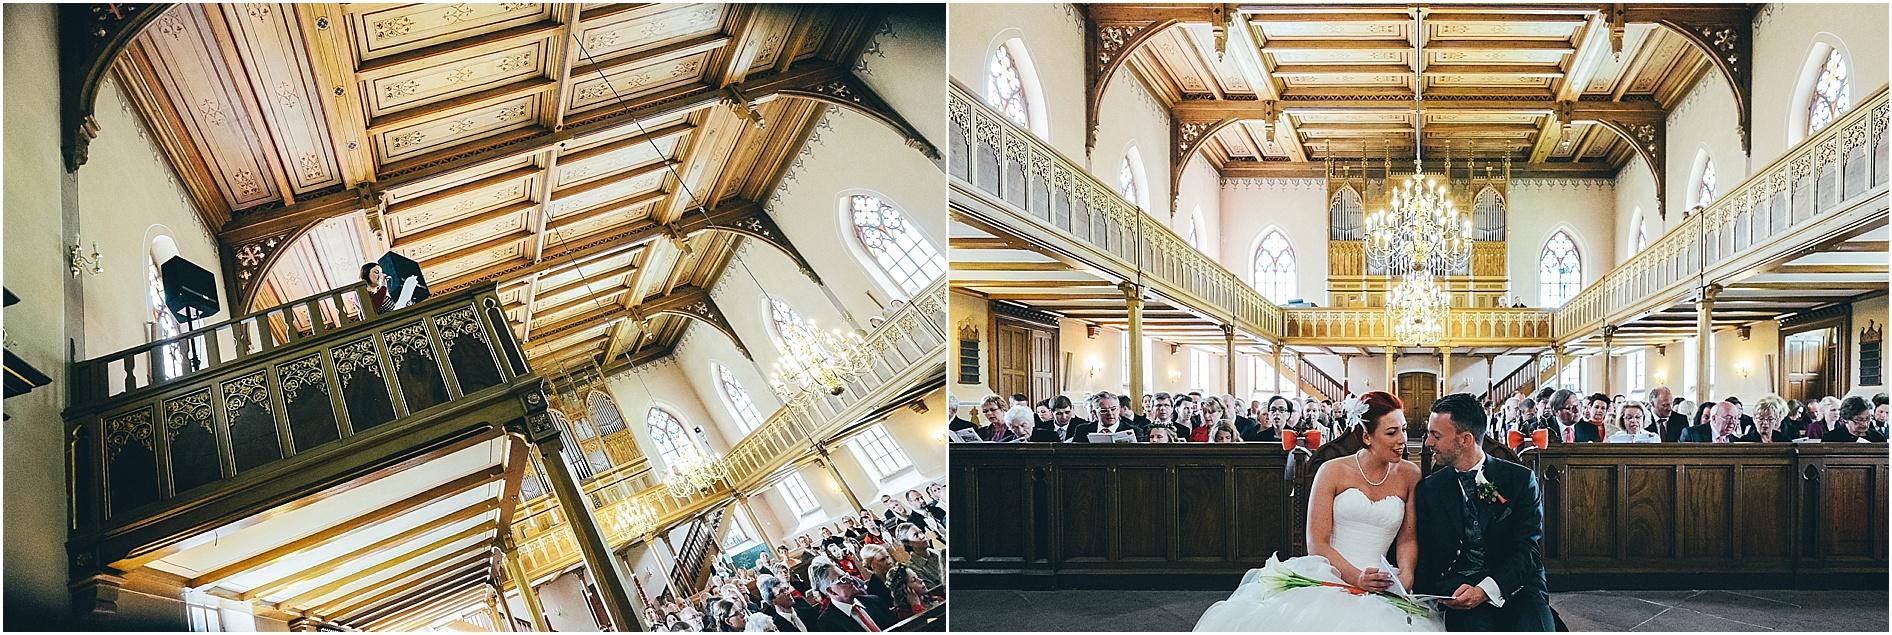 2015-10-27_0036 Tine & Chrischan - Hochzeitsfilm & Fotos in Lüneburg